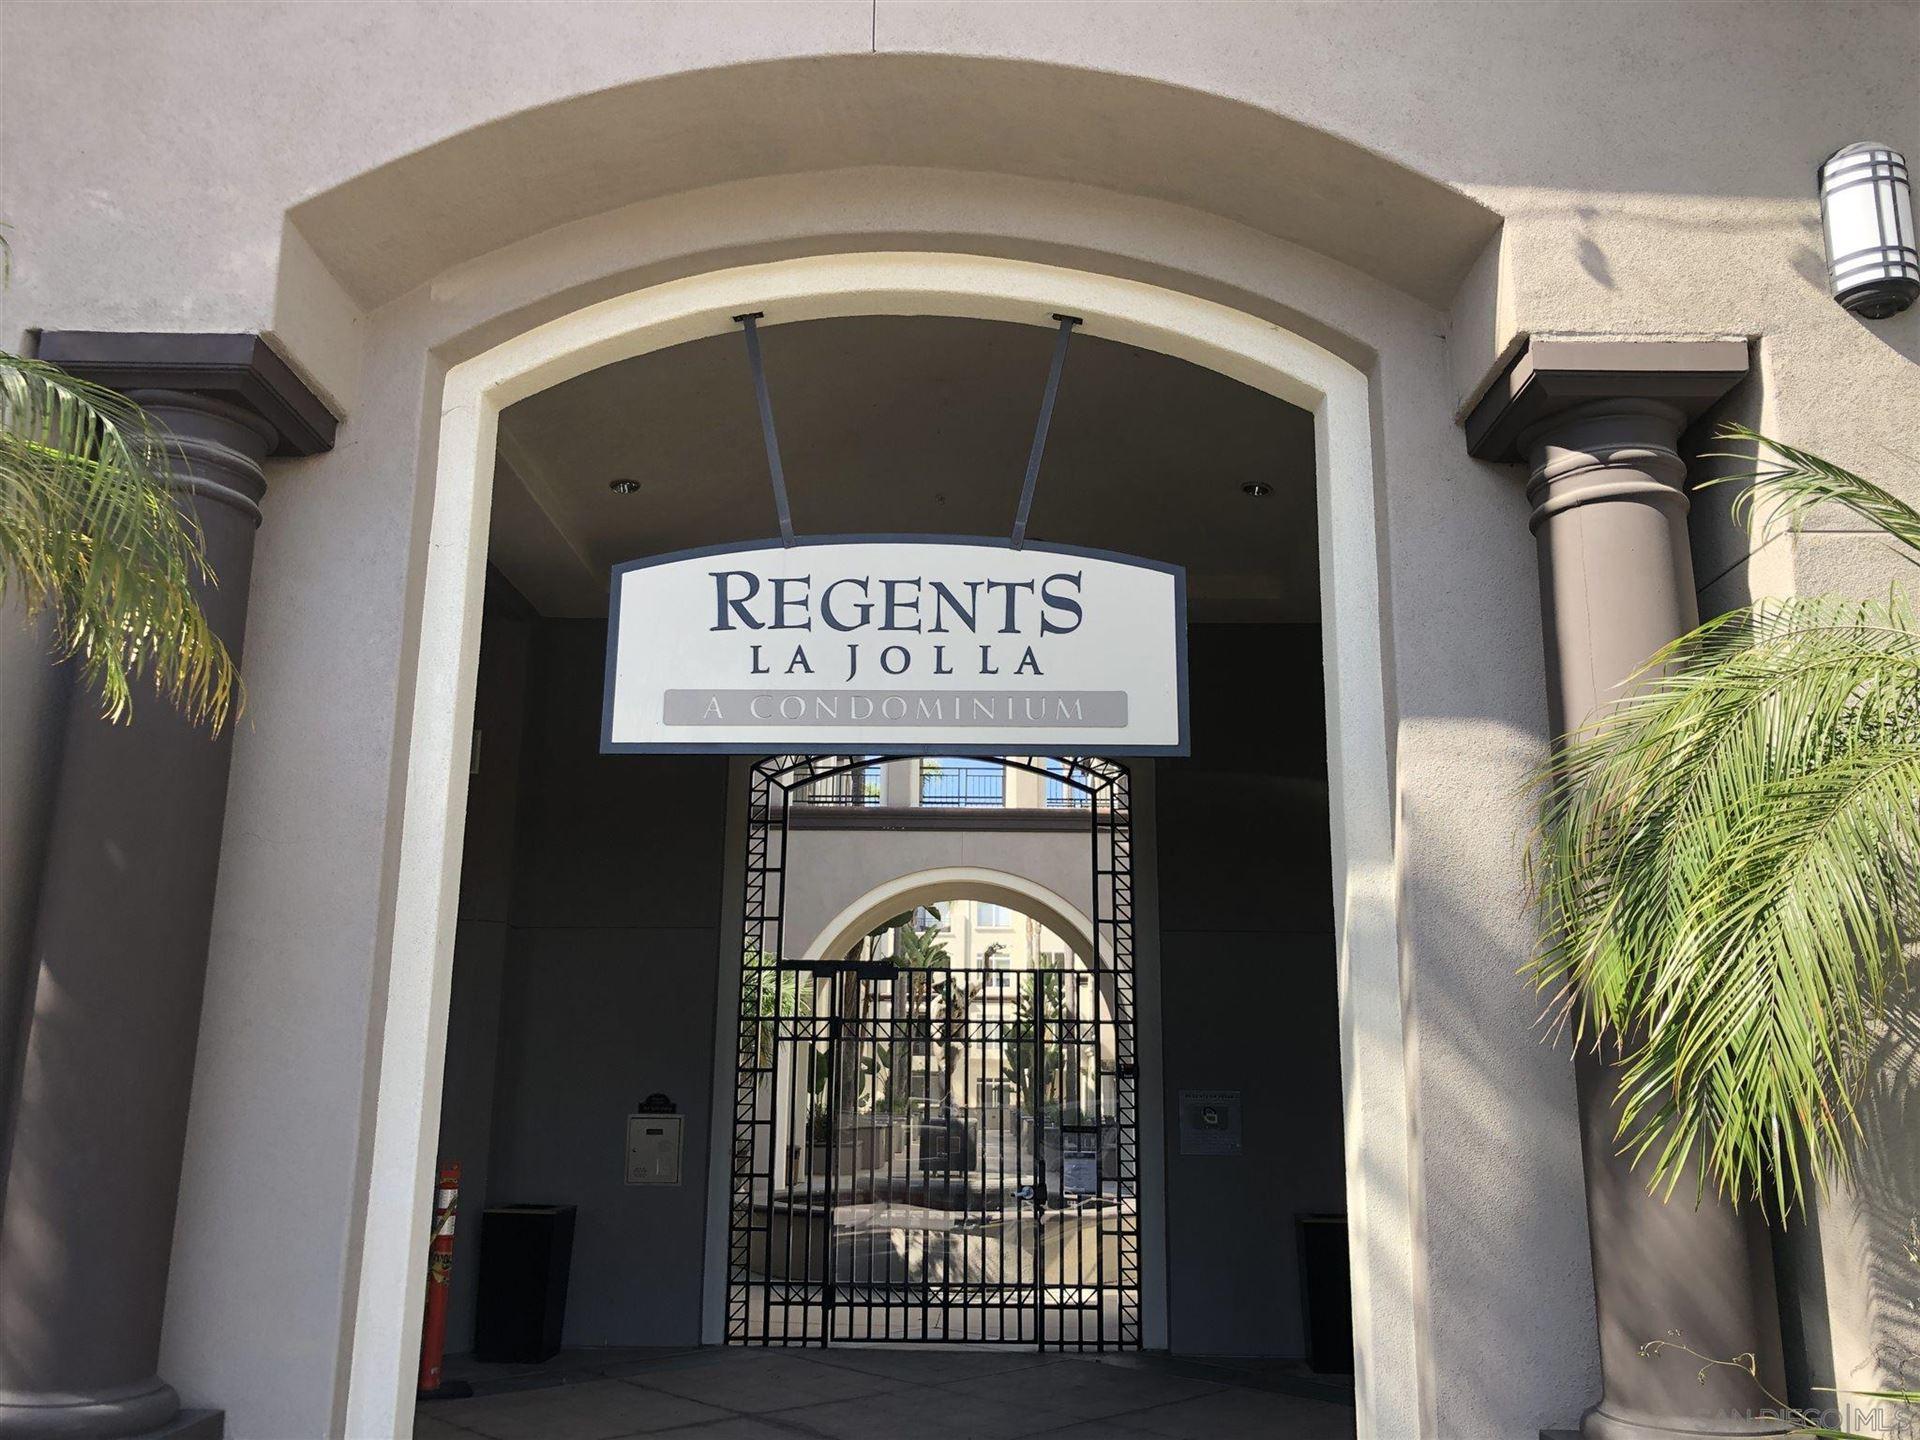 9237 Regents Rd #K225, La Jolla, CA 92037 - #: 210010211